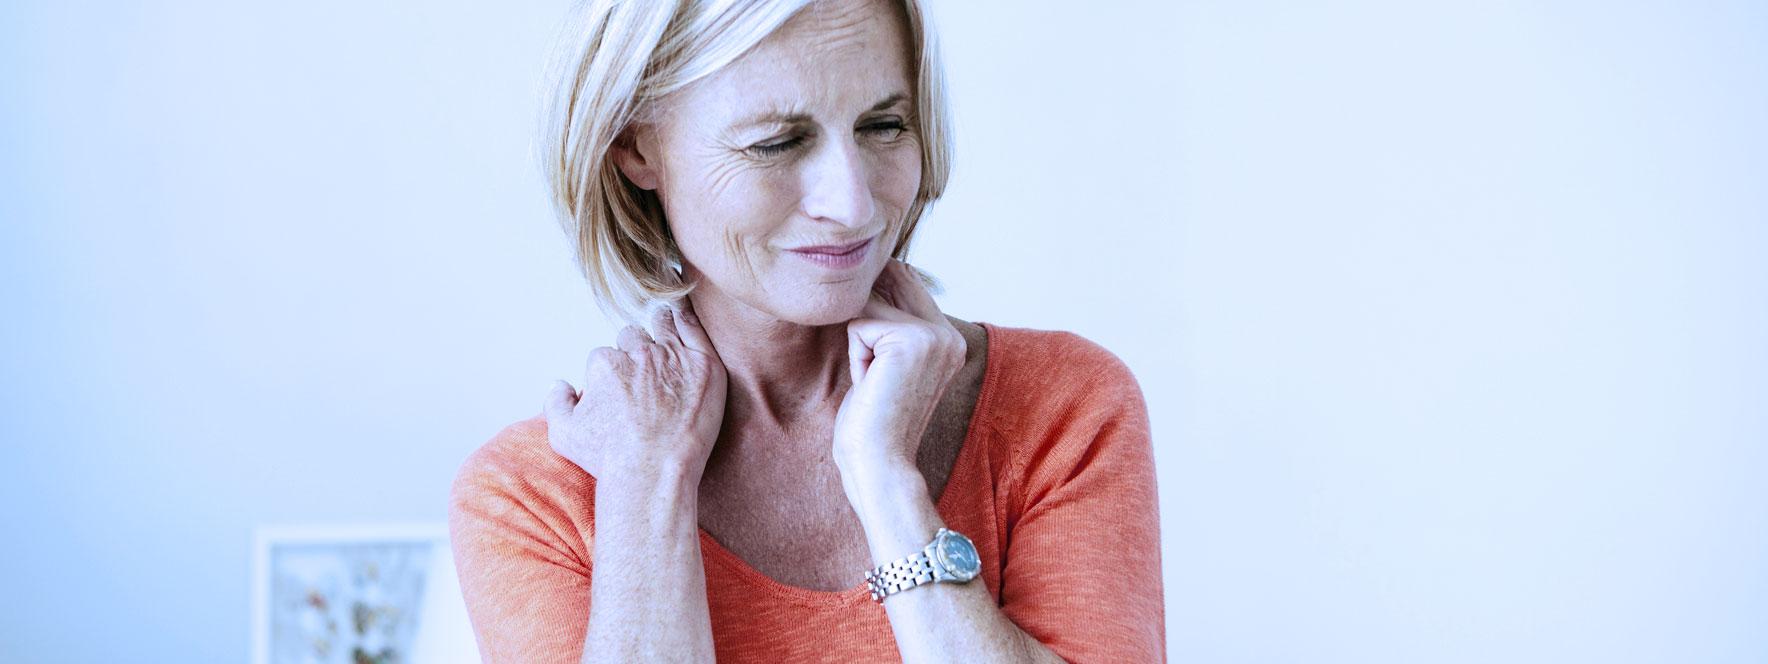 Les troubles cutanés - Lupus - blogue du Réseau des massothérapeutes